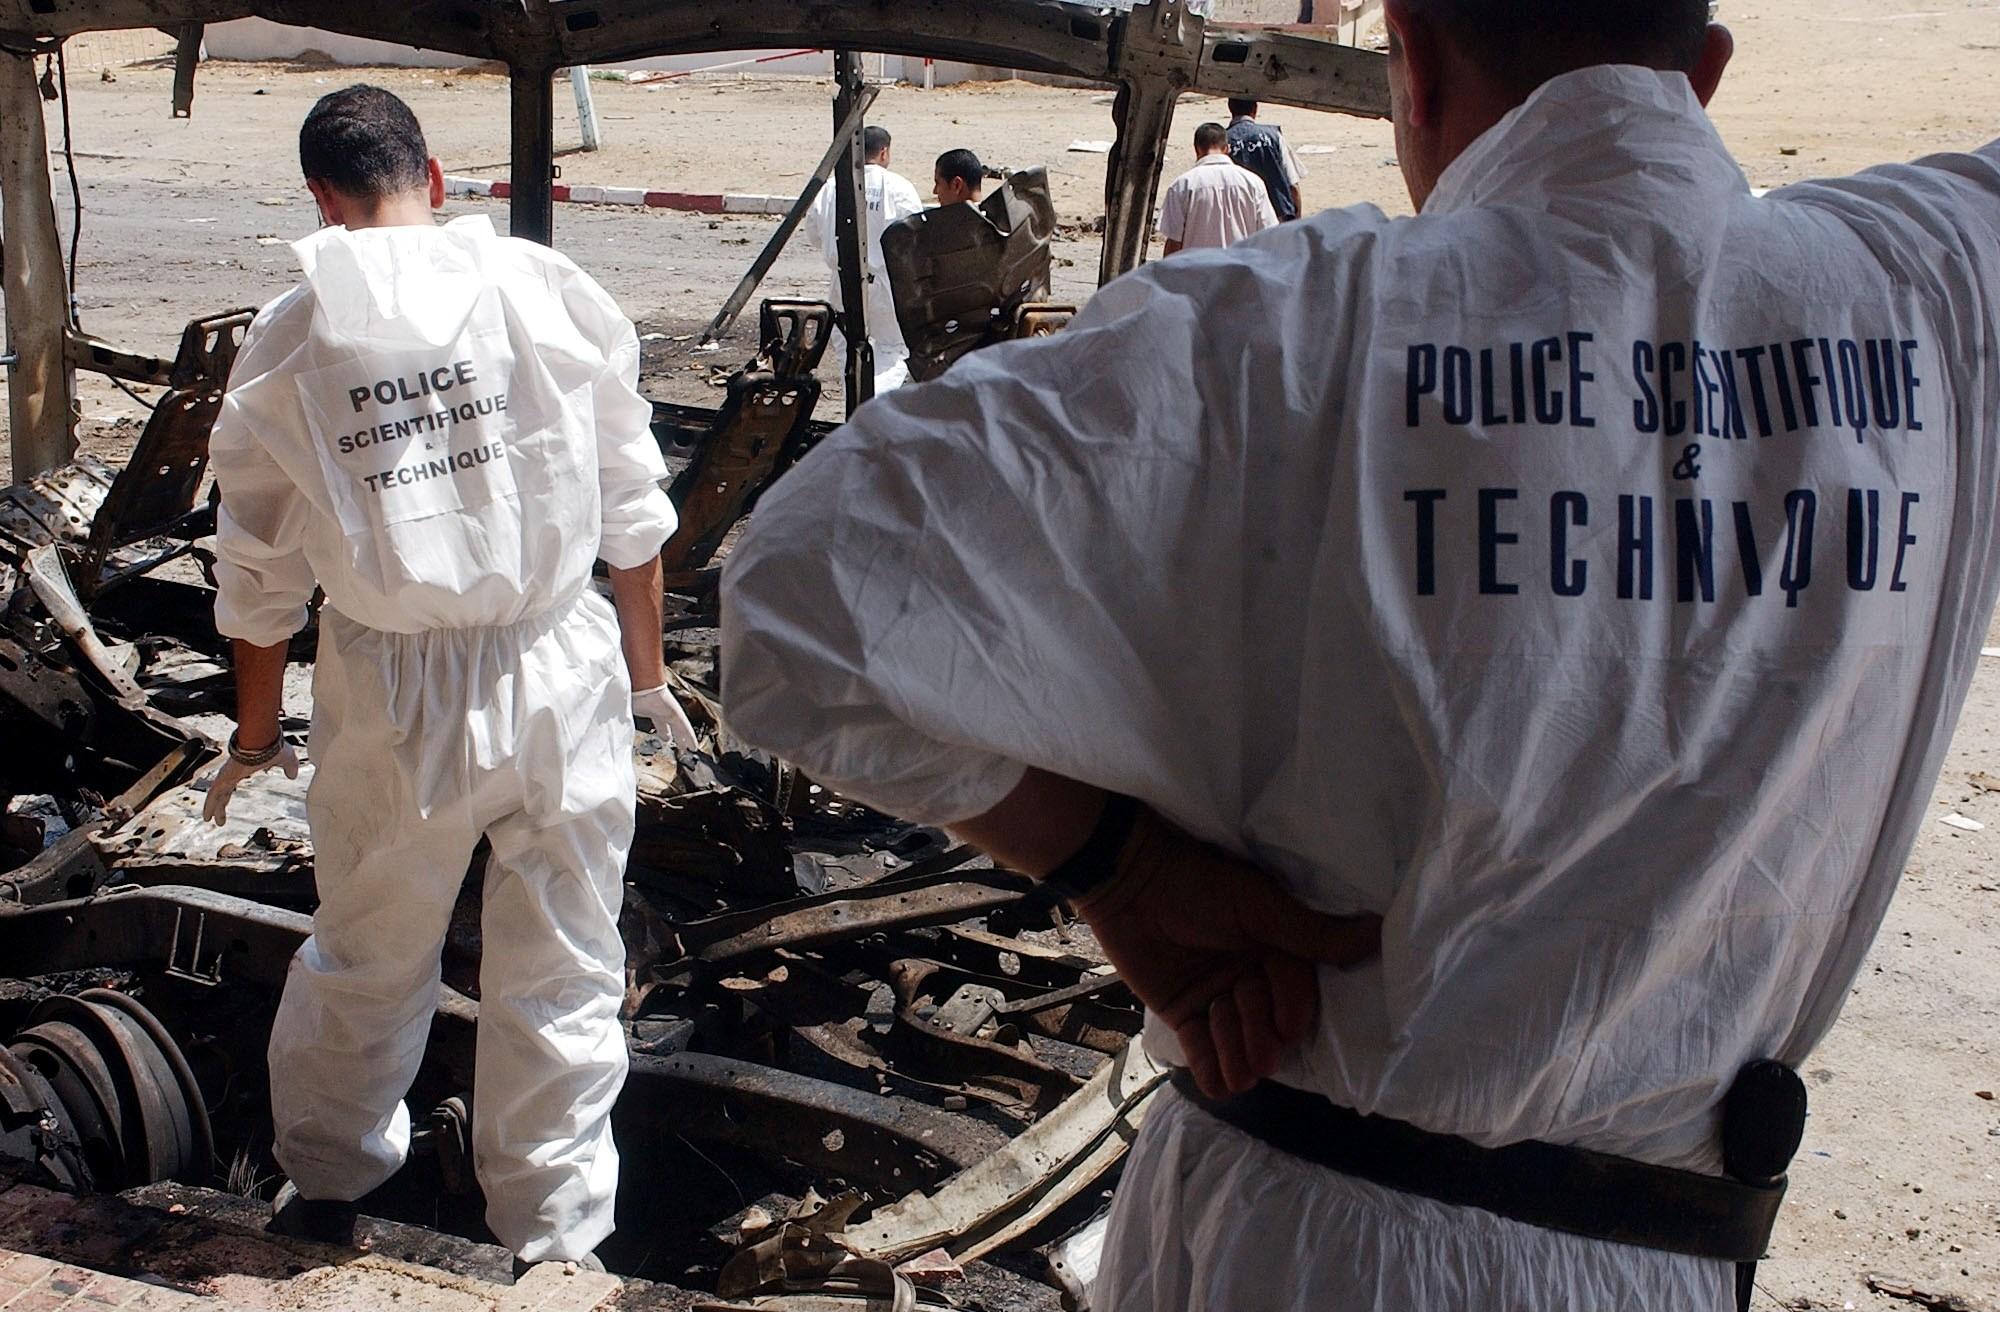 Le véhicule tous terrains a été soufflé par l'explosion de la bombe. Archives/New Press